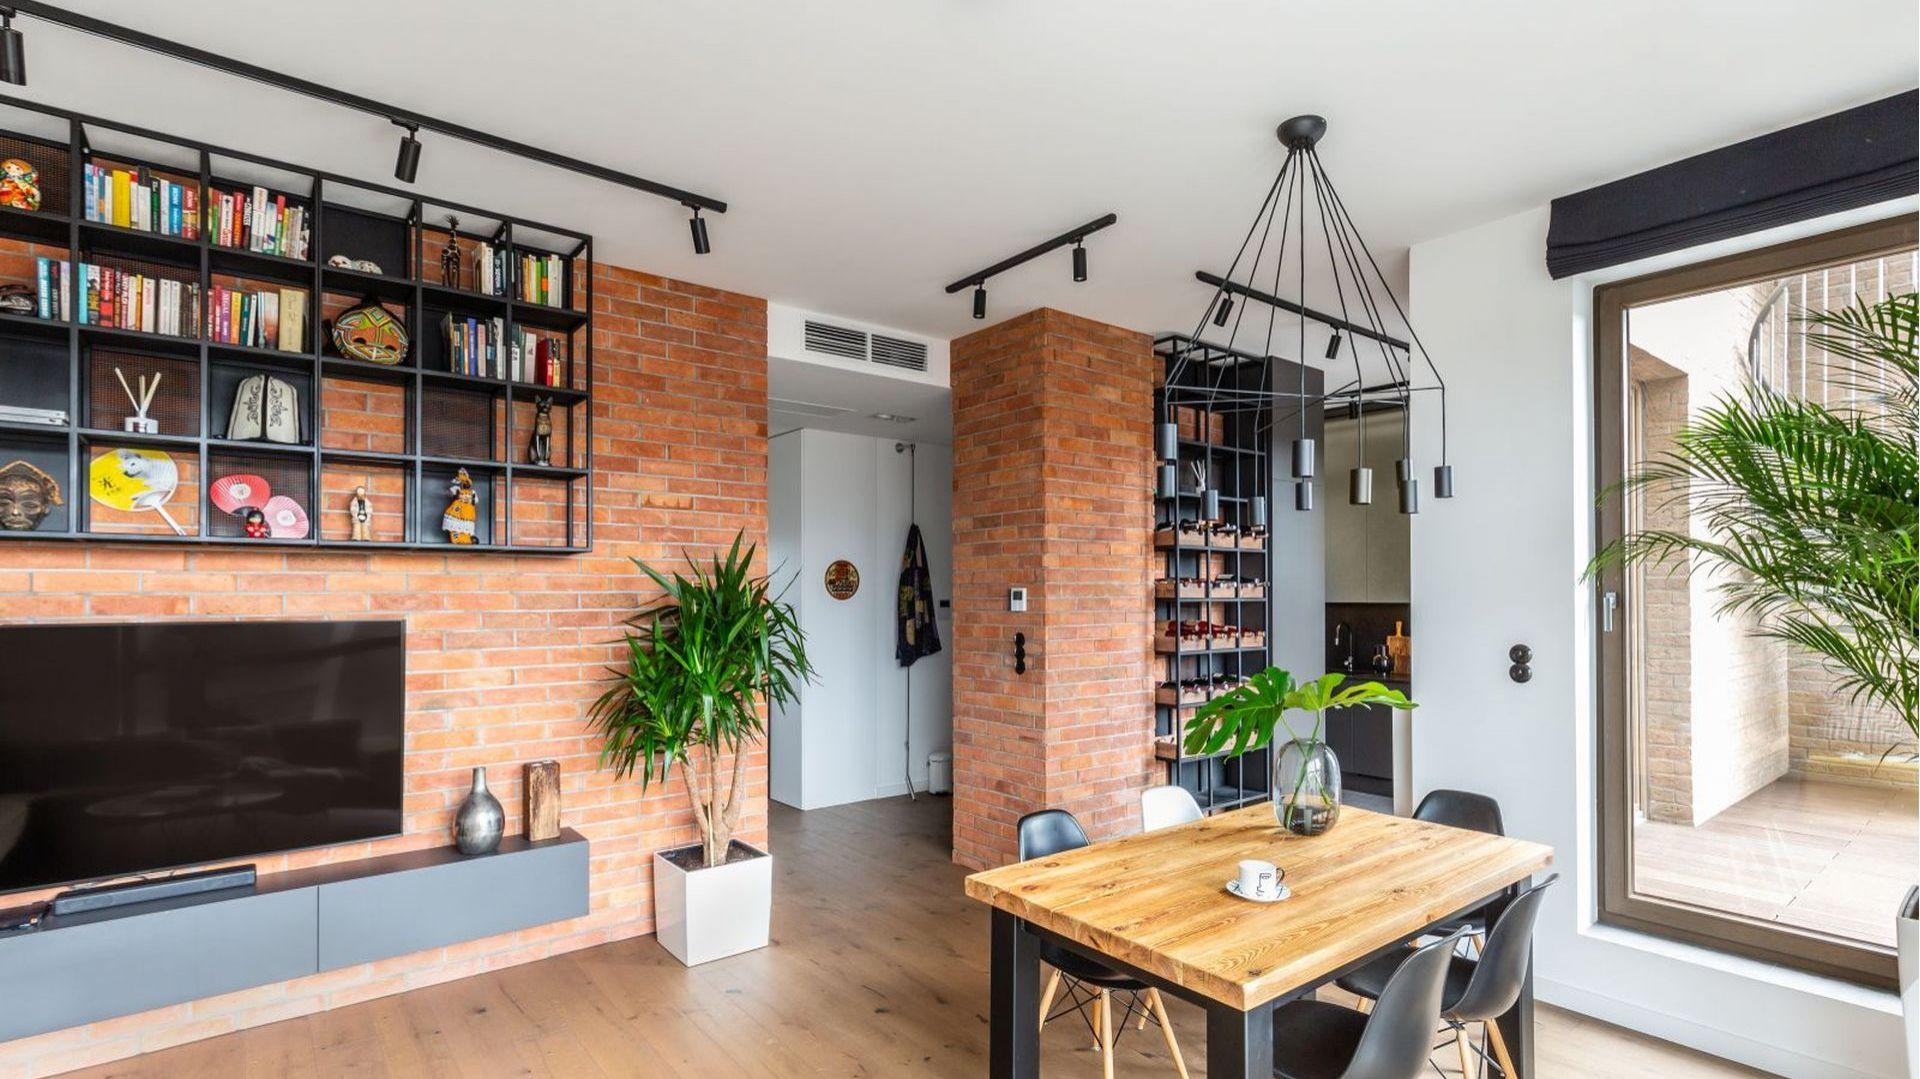 Jak przystało na loft, we wnętrzach zastosowano proste materiały: cegłę, drewno, sporo elementów metalowych. Fot. Decoroom